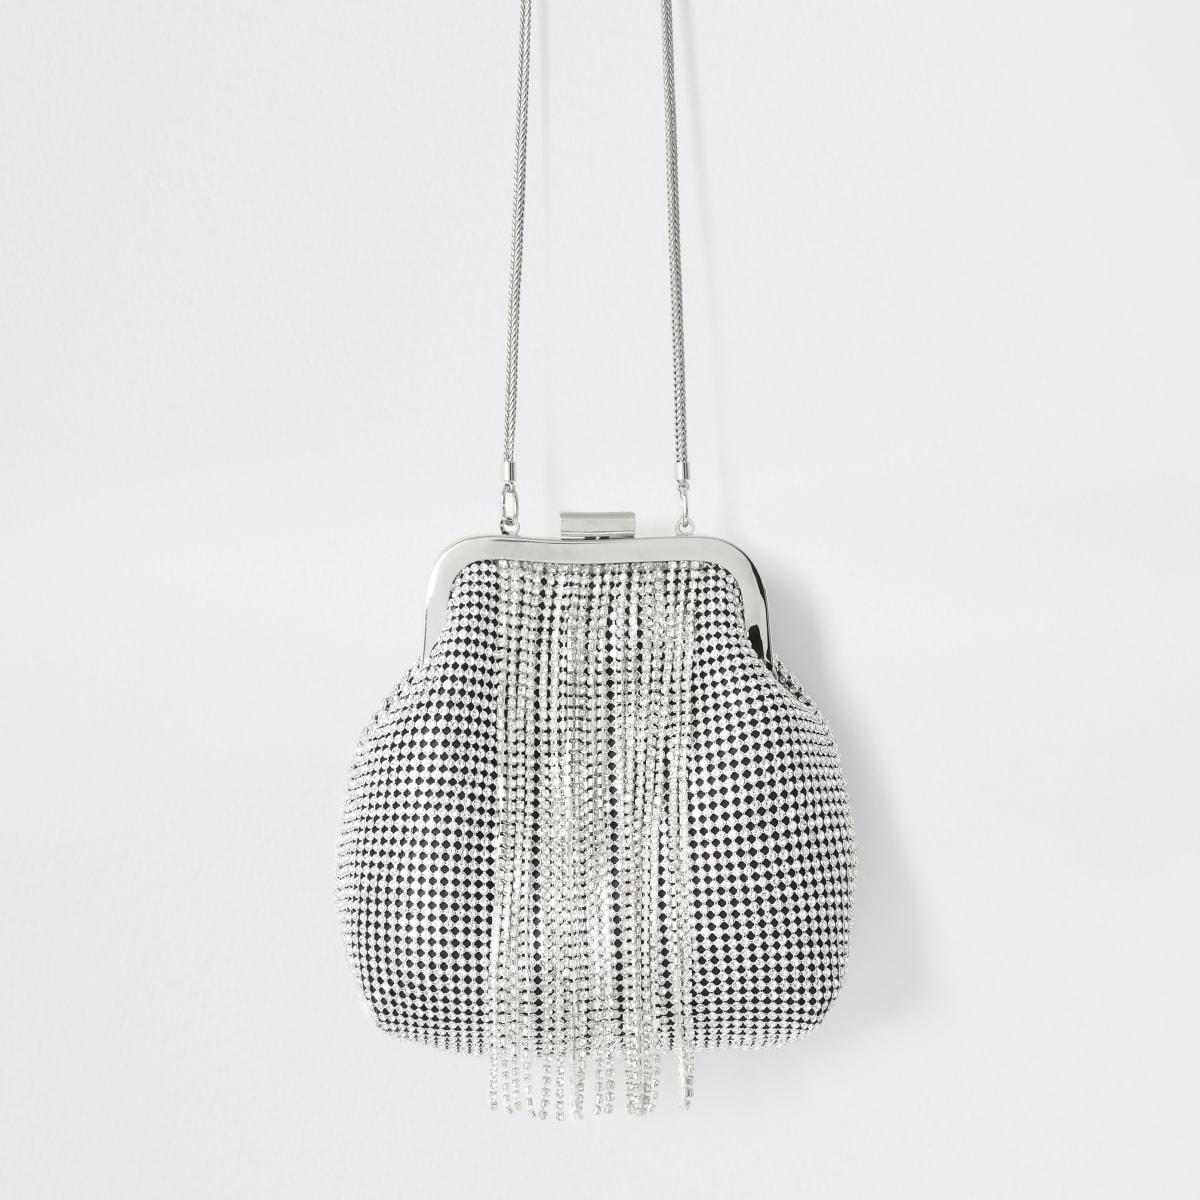 Petit sac portefeuille avec strass argenté